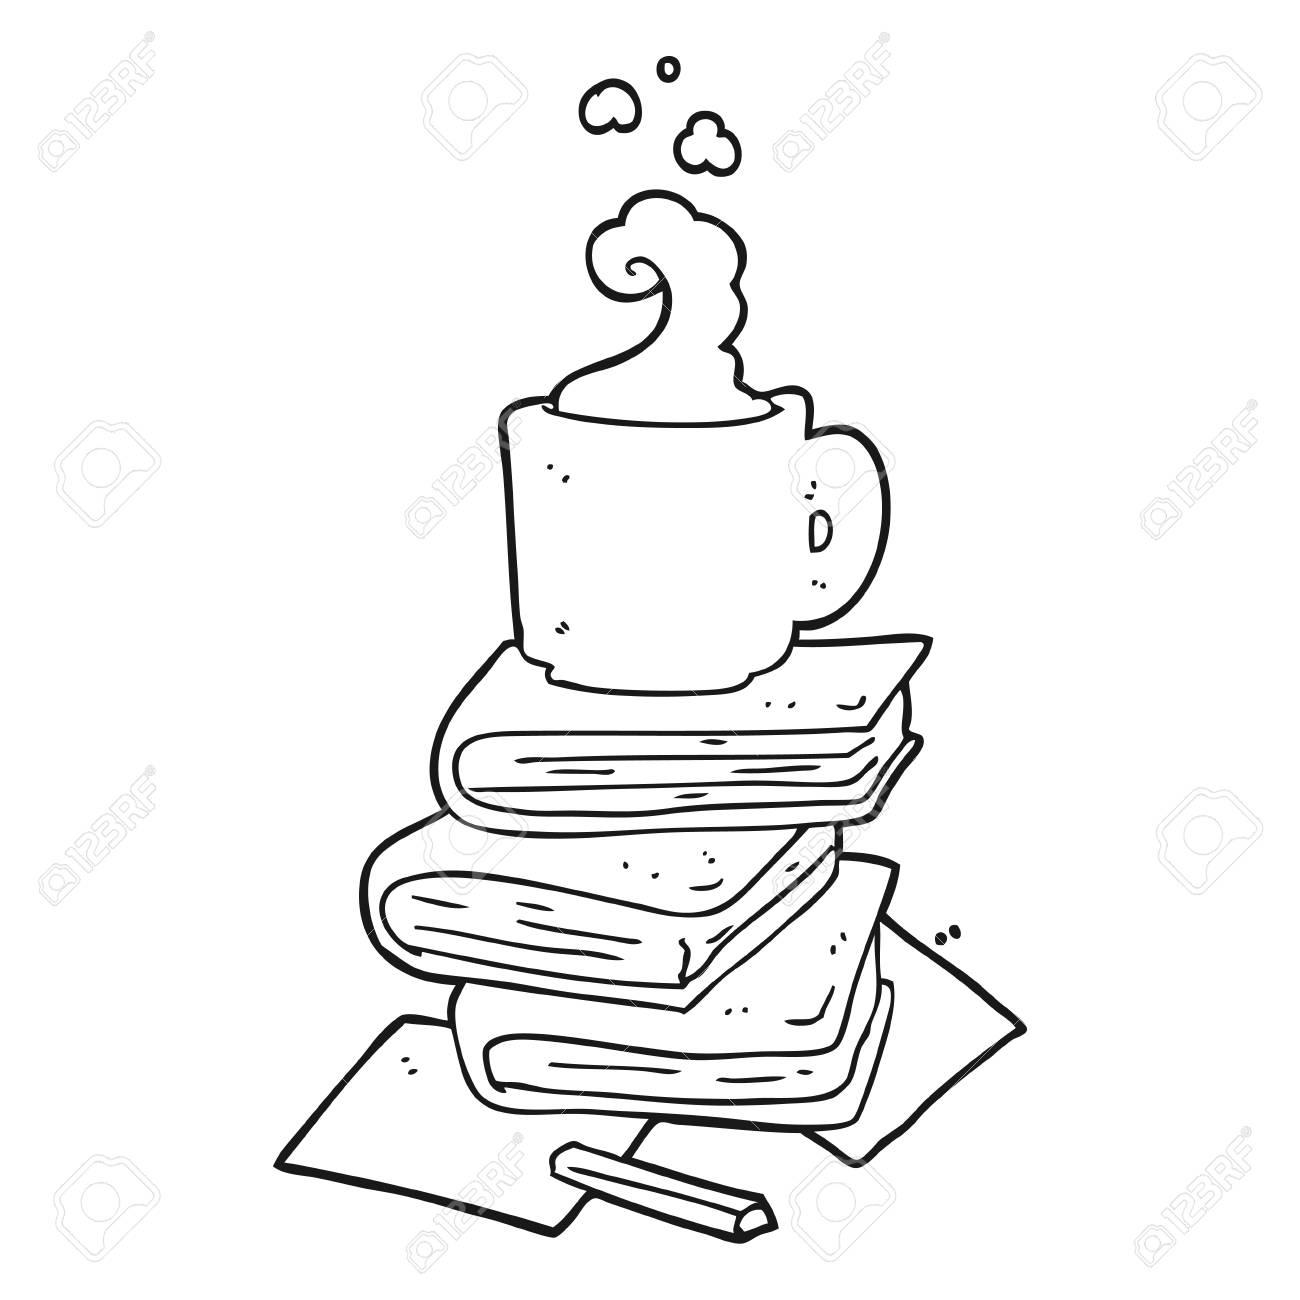 Dibujado A Mano Alzada Libros De Dibujos Animados En Blanco Y Negro Y Una Taza De Café Ilustraciones Vectoriales Clip Art Vectorizado Libre De Derechos Image 53214891